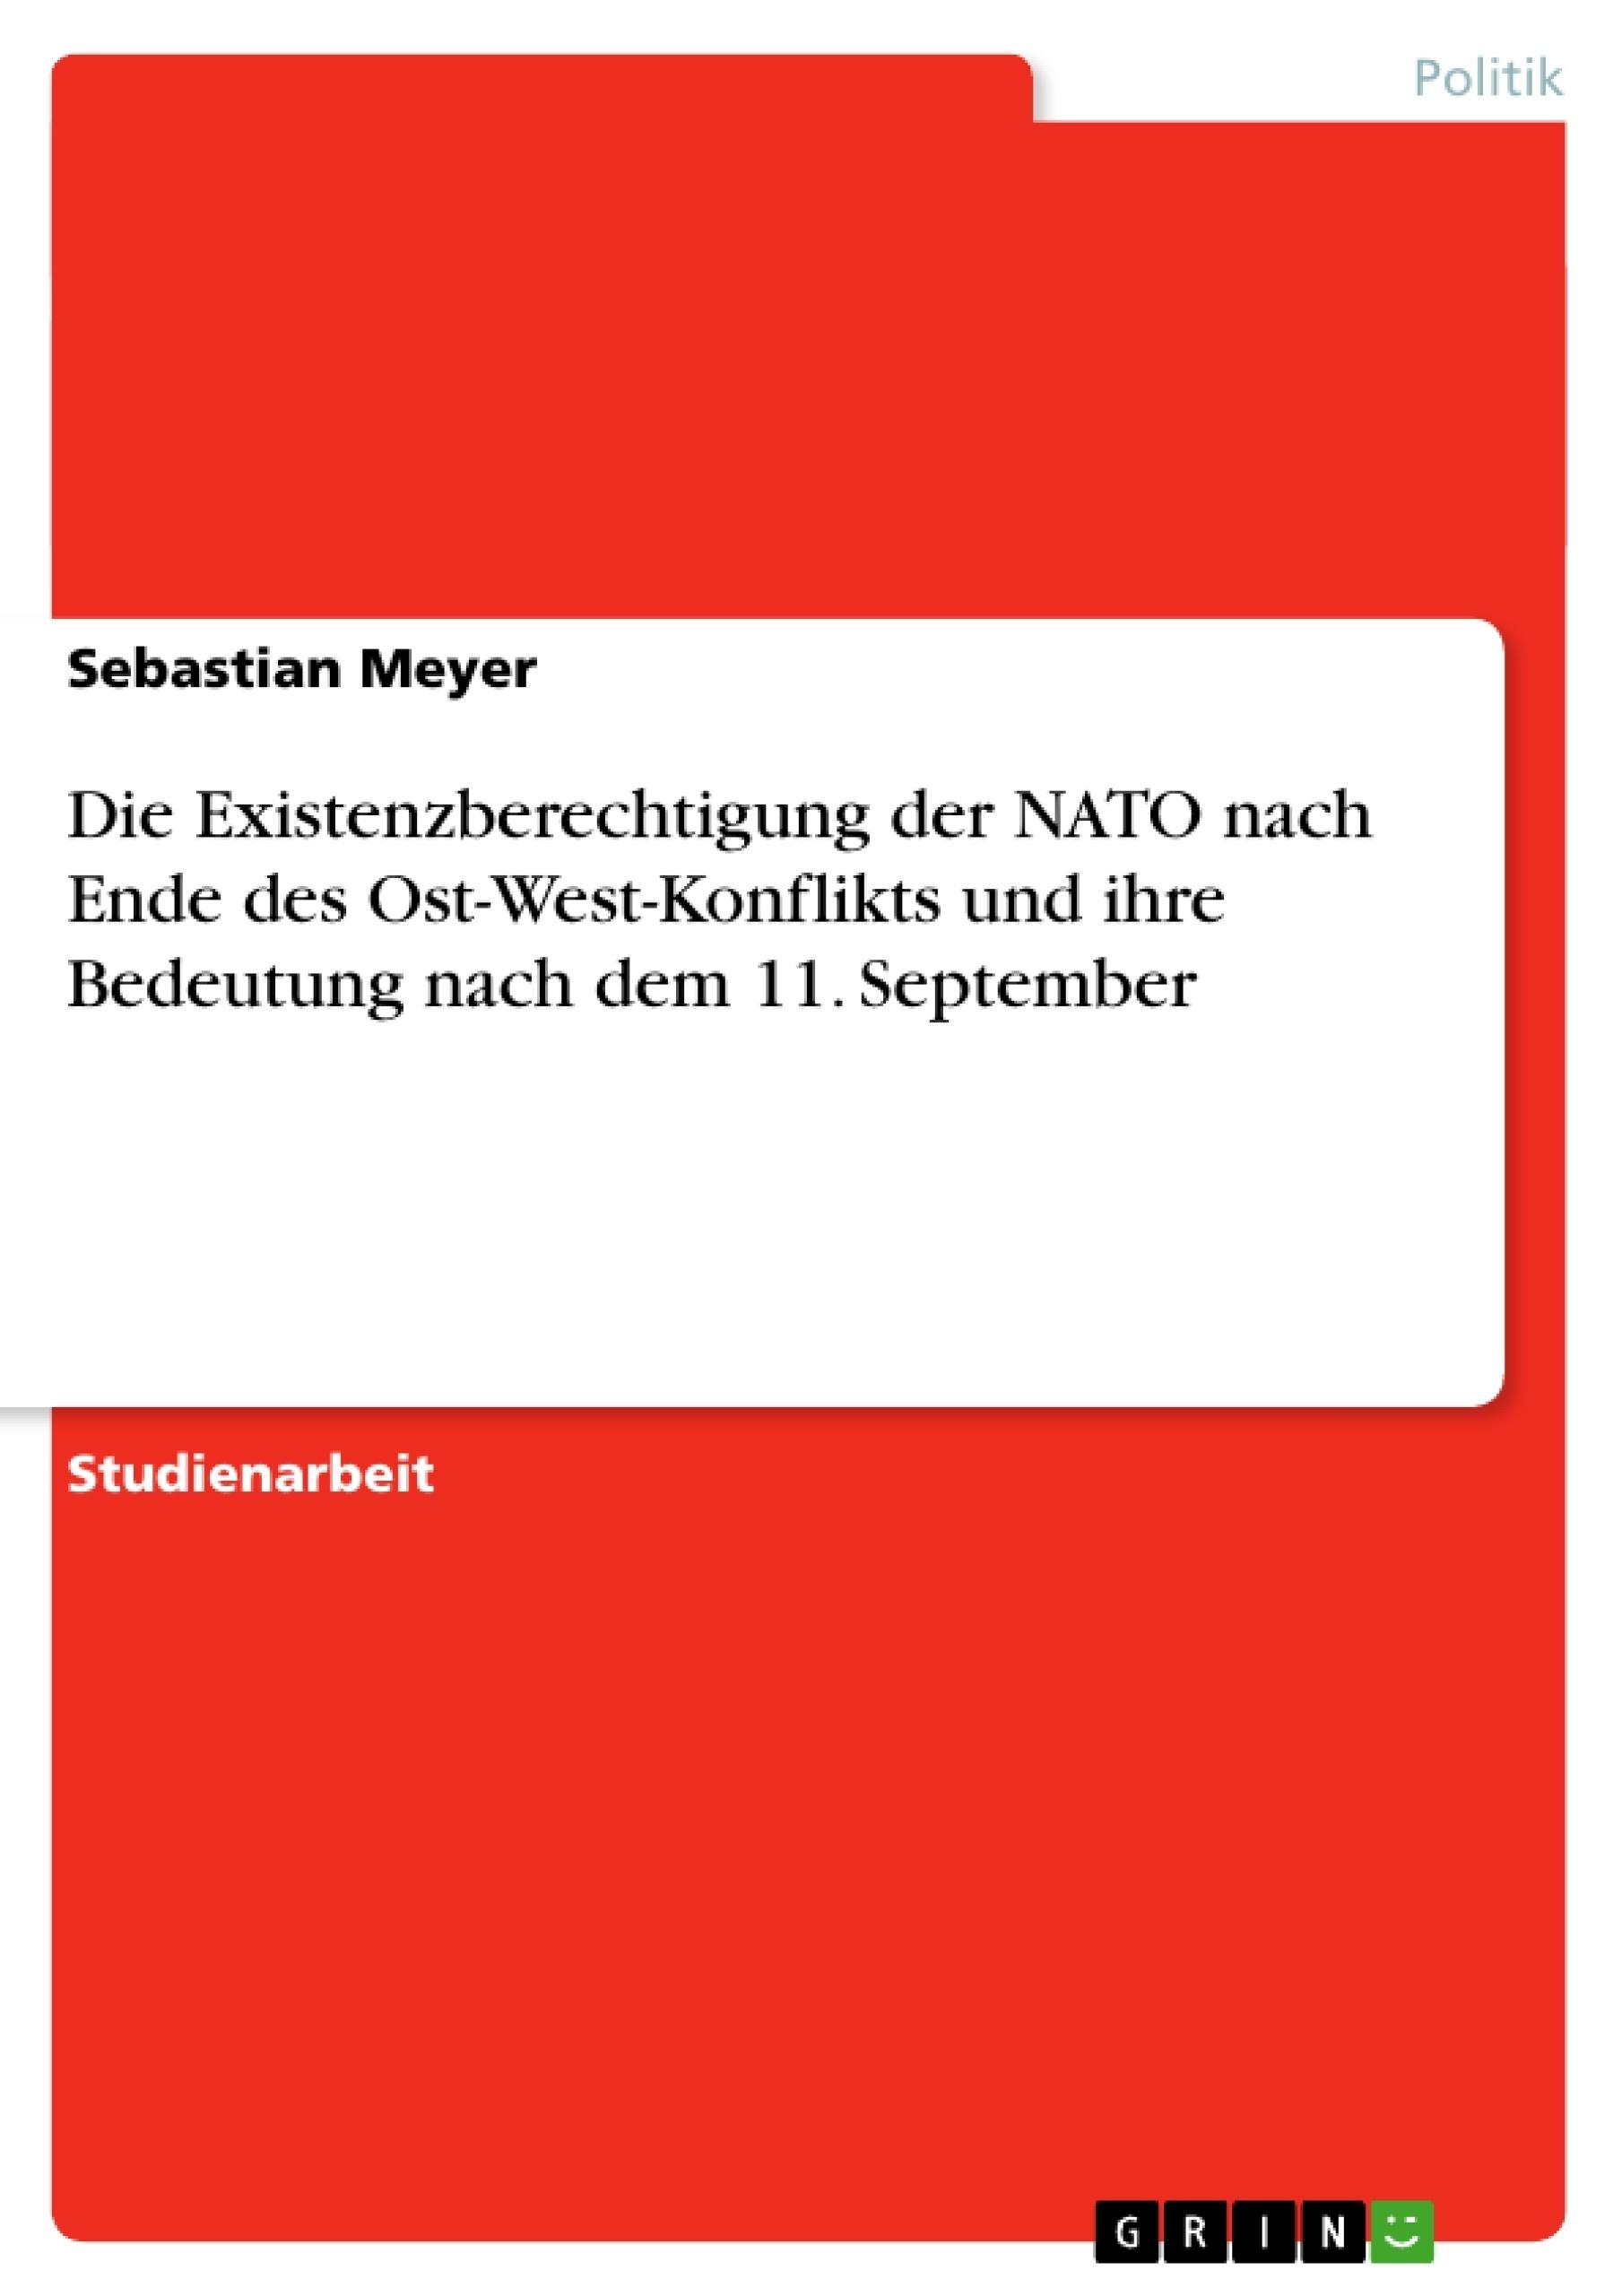 Titel: Die Existenzberechtigung der NATO nach Ende des Ost-West-Konflikts und ihre Bedeutung nach dem 11. September